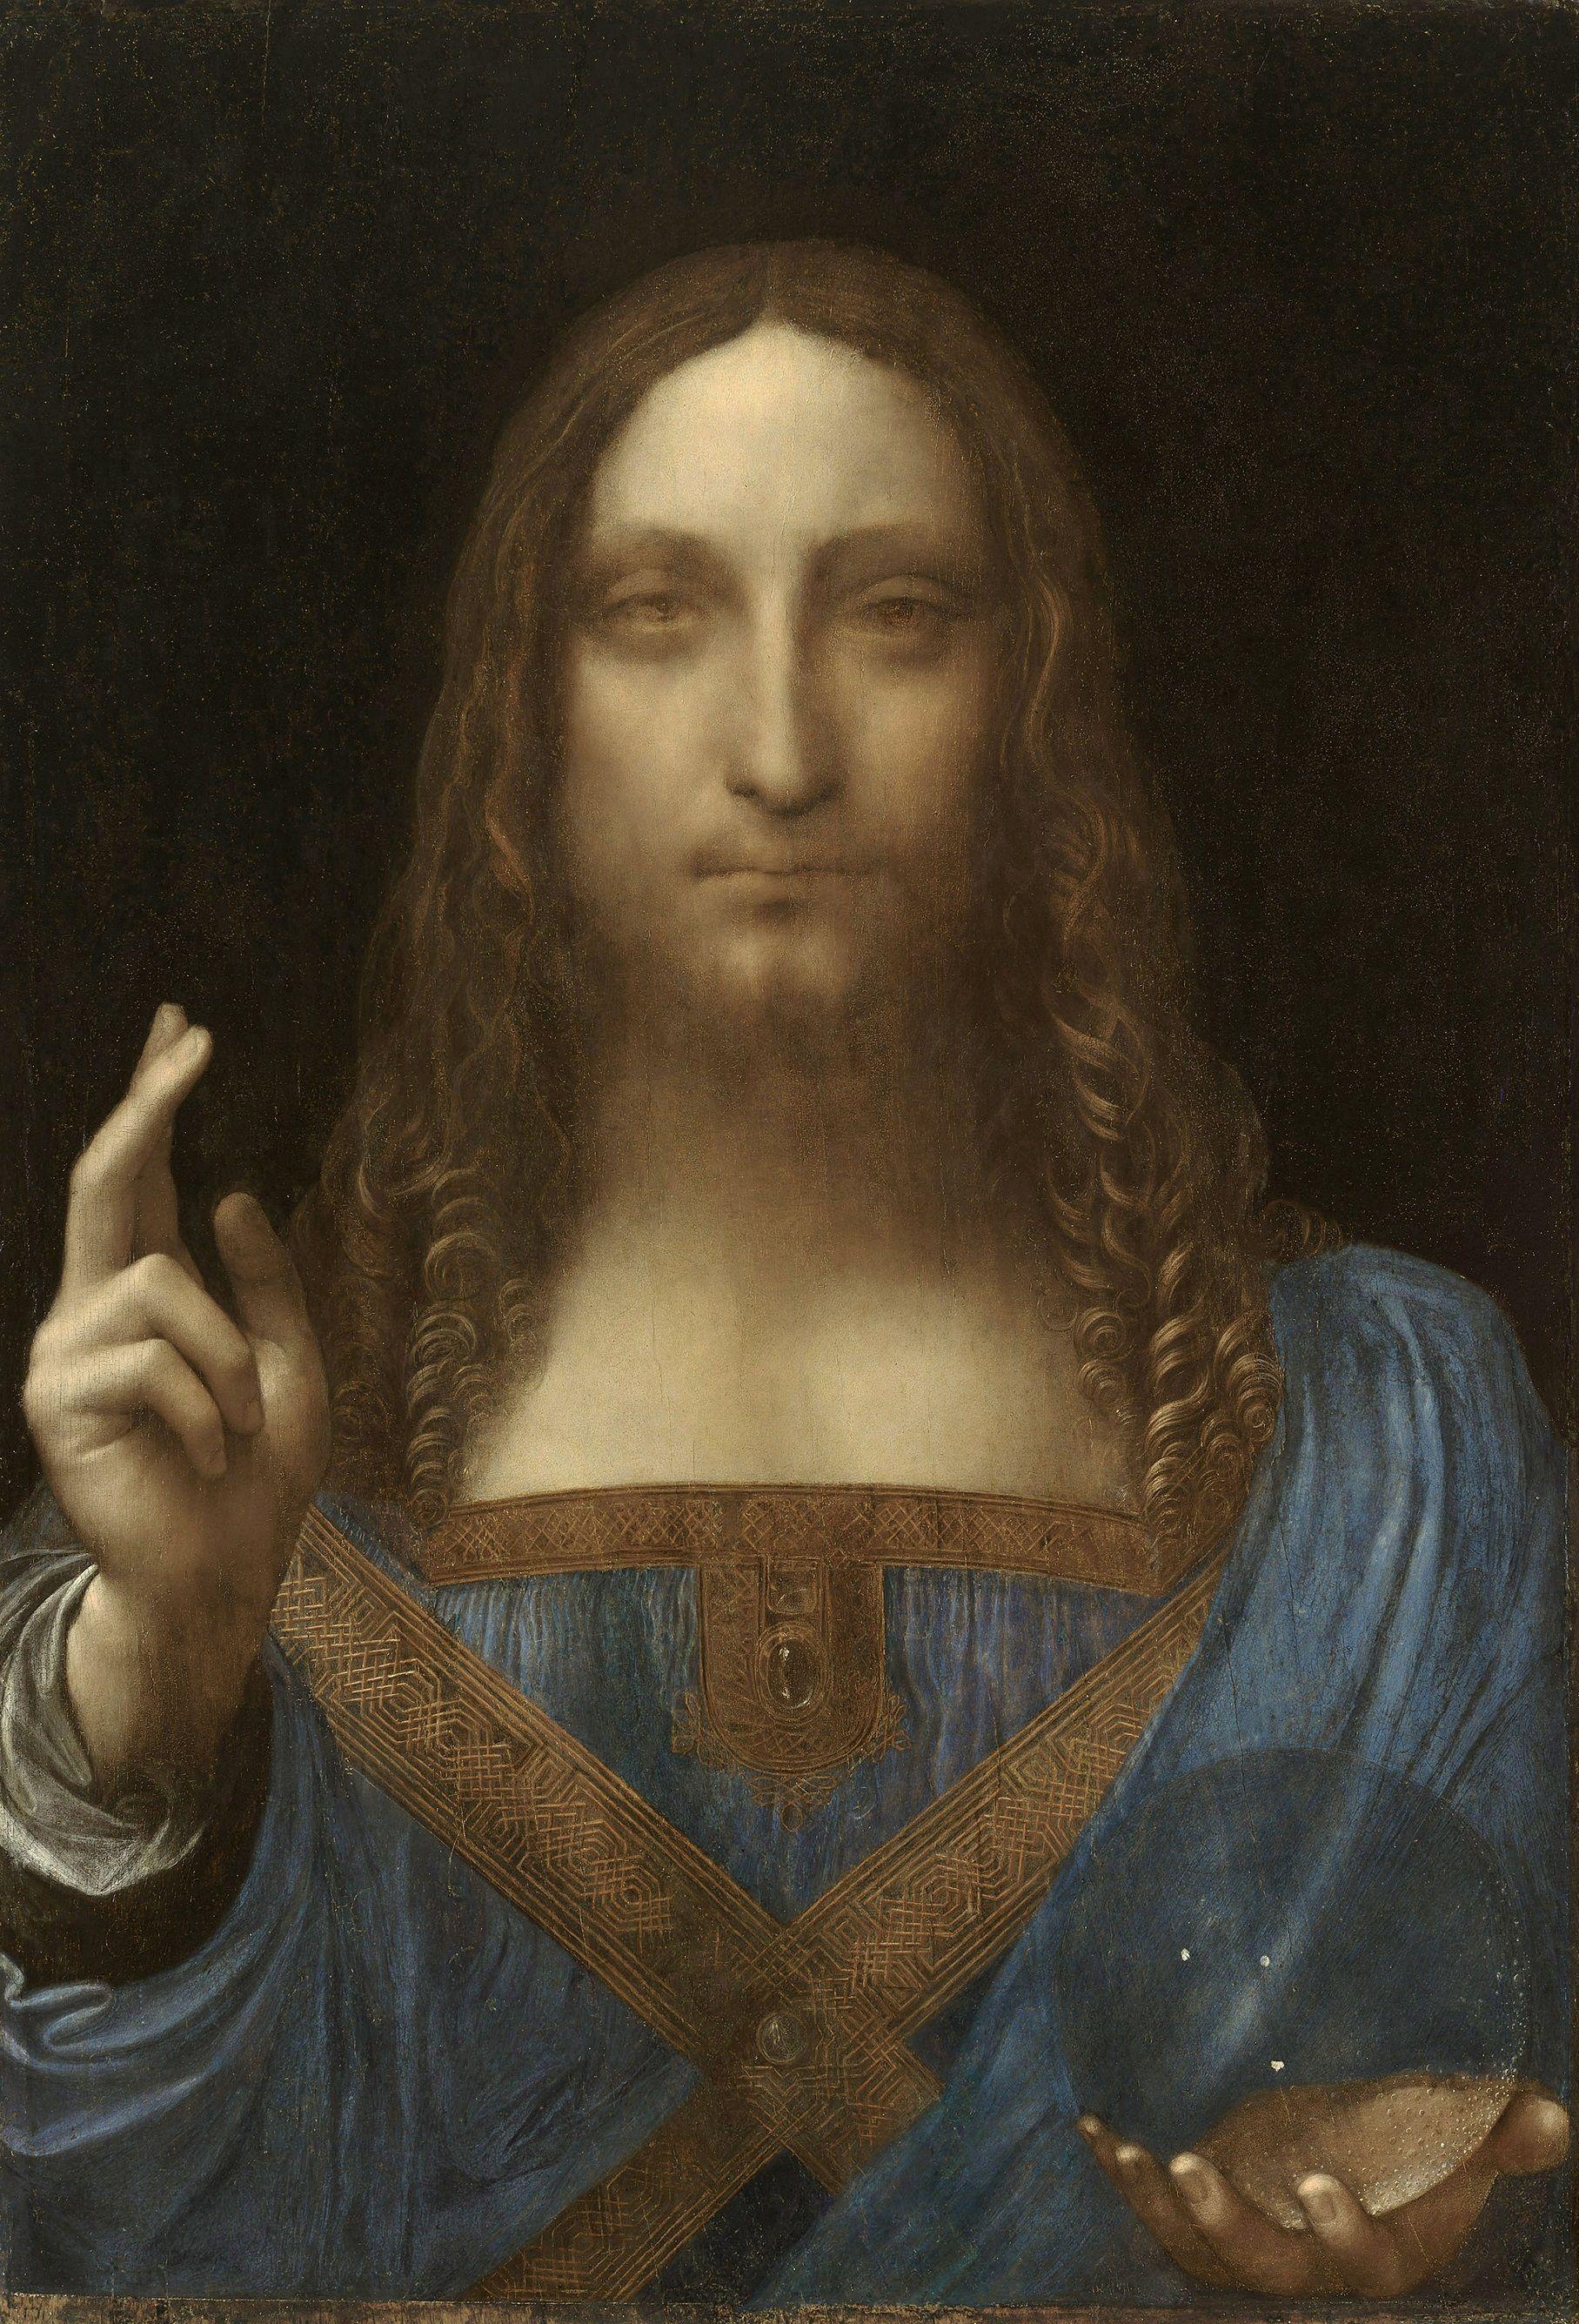 Il nuovo mistero su Leonardo: altro che il giallo della Gioconda